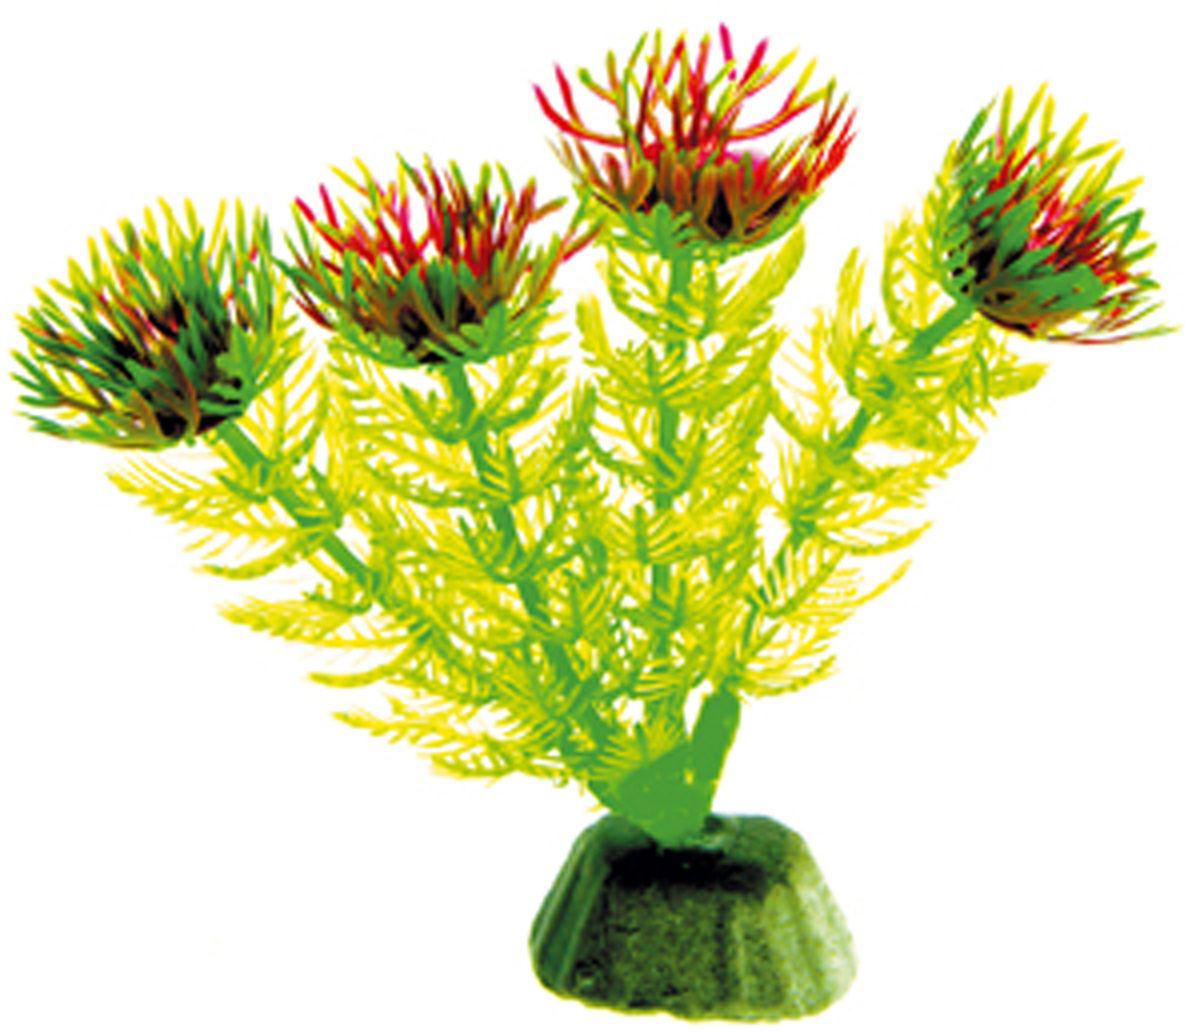 Искусственное растение Dezzie, 10 см. 56020025602002Подводные растения являются неотъемлемой частью композиции аквариума, радуют глаз, а также могут быть уютным убежищем для рыб и других обитателей аквариума. Пластиковые растения имеют устойчивое дно, которое не нуждается в дополнительном утяжелении и легко устанавливается в грунт. Они очень практичны в использовании, имеют стойкую к воздействию воды окраску и не требуют обременительного ухода. Их можно легко достать и протереть тряпкой во время уборки аквариума. Растения из пластика создадут неповторимый дизайн пресноводного или морского аквариума.